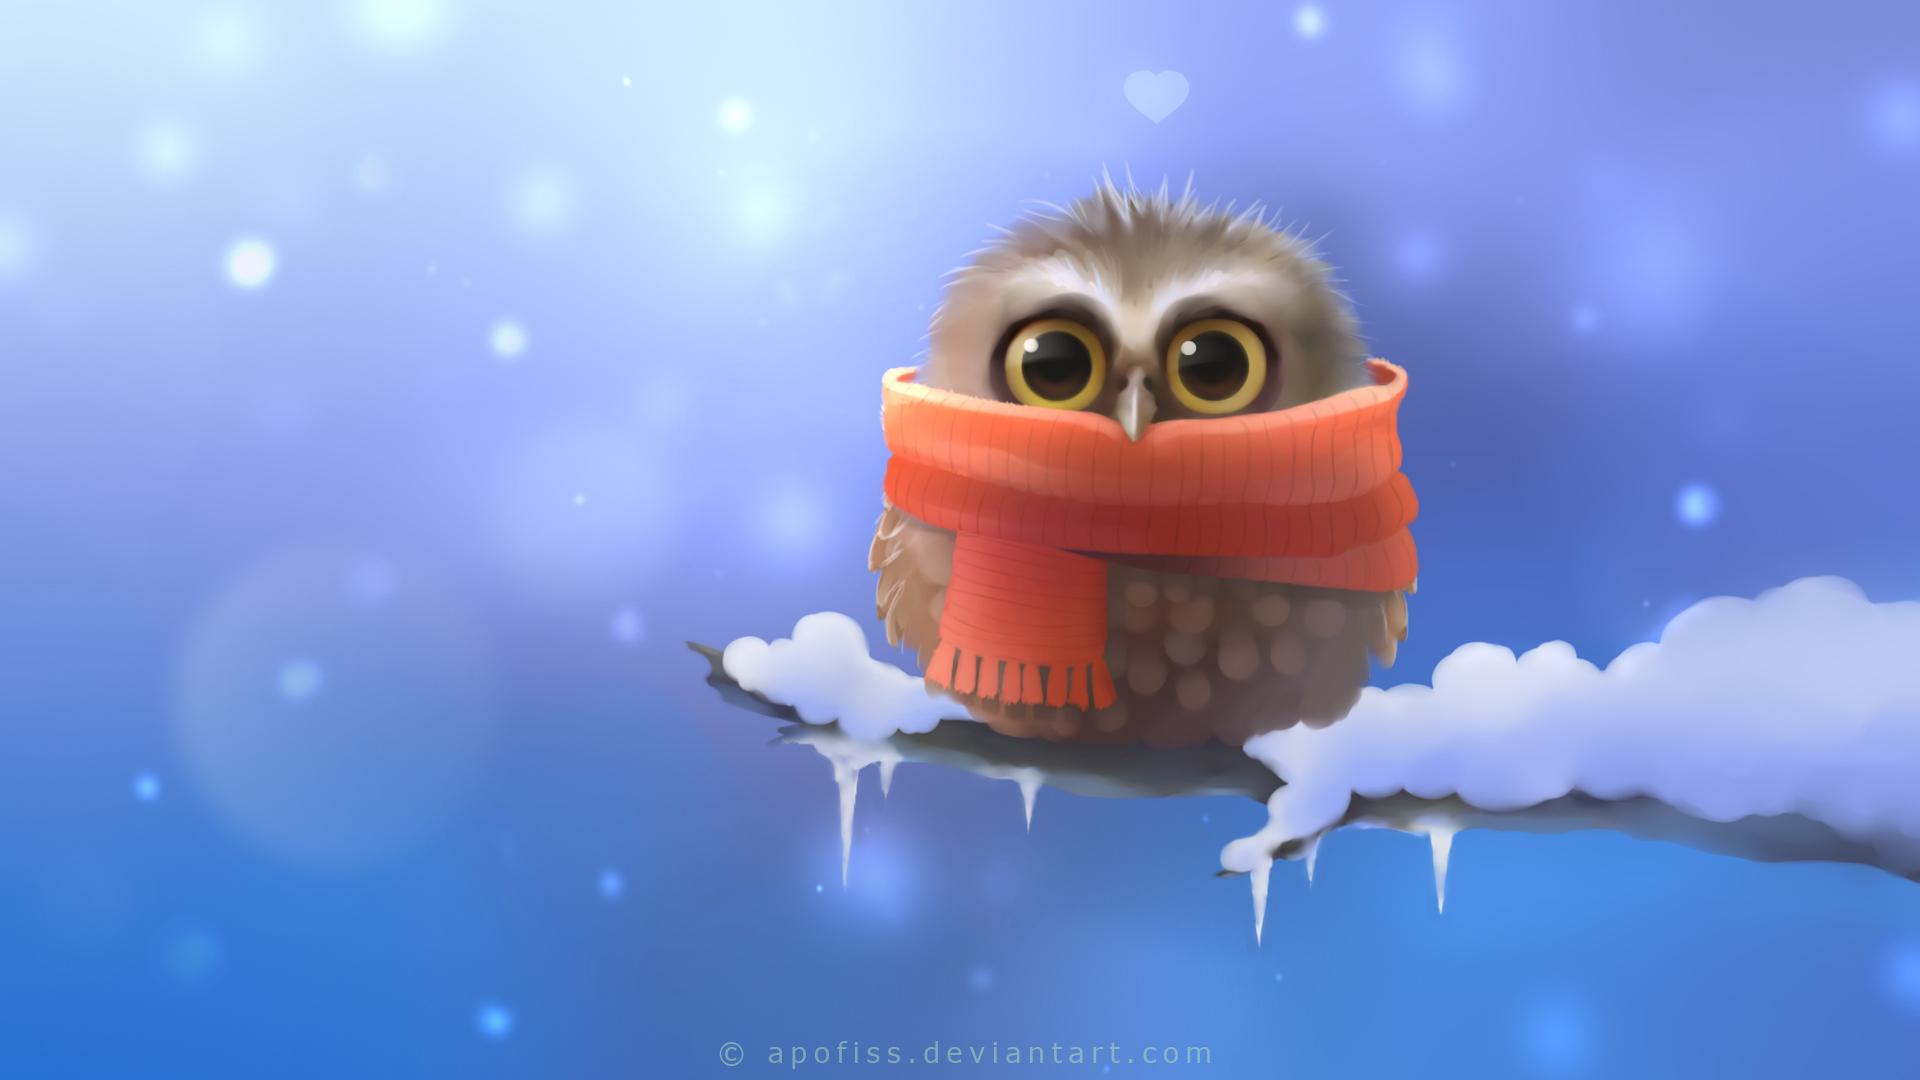 Cute Little Owl HD Wallpaper 5203 1920x1080